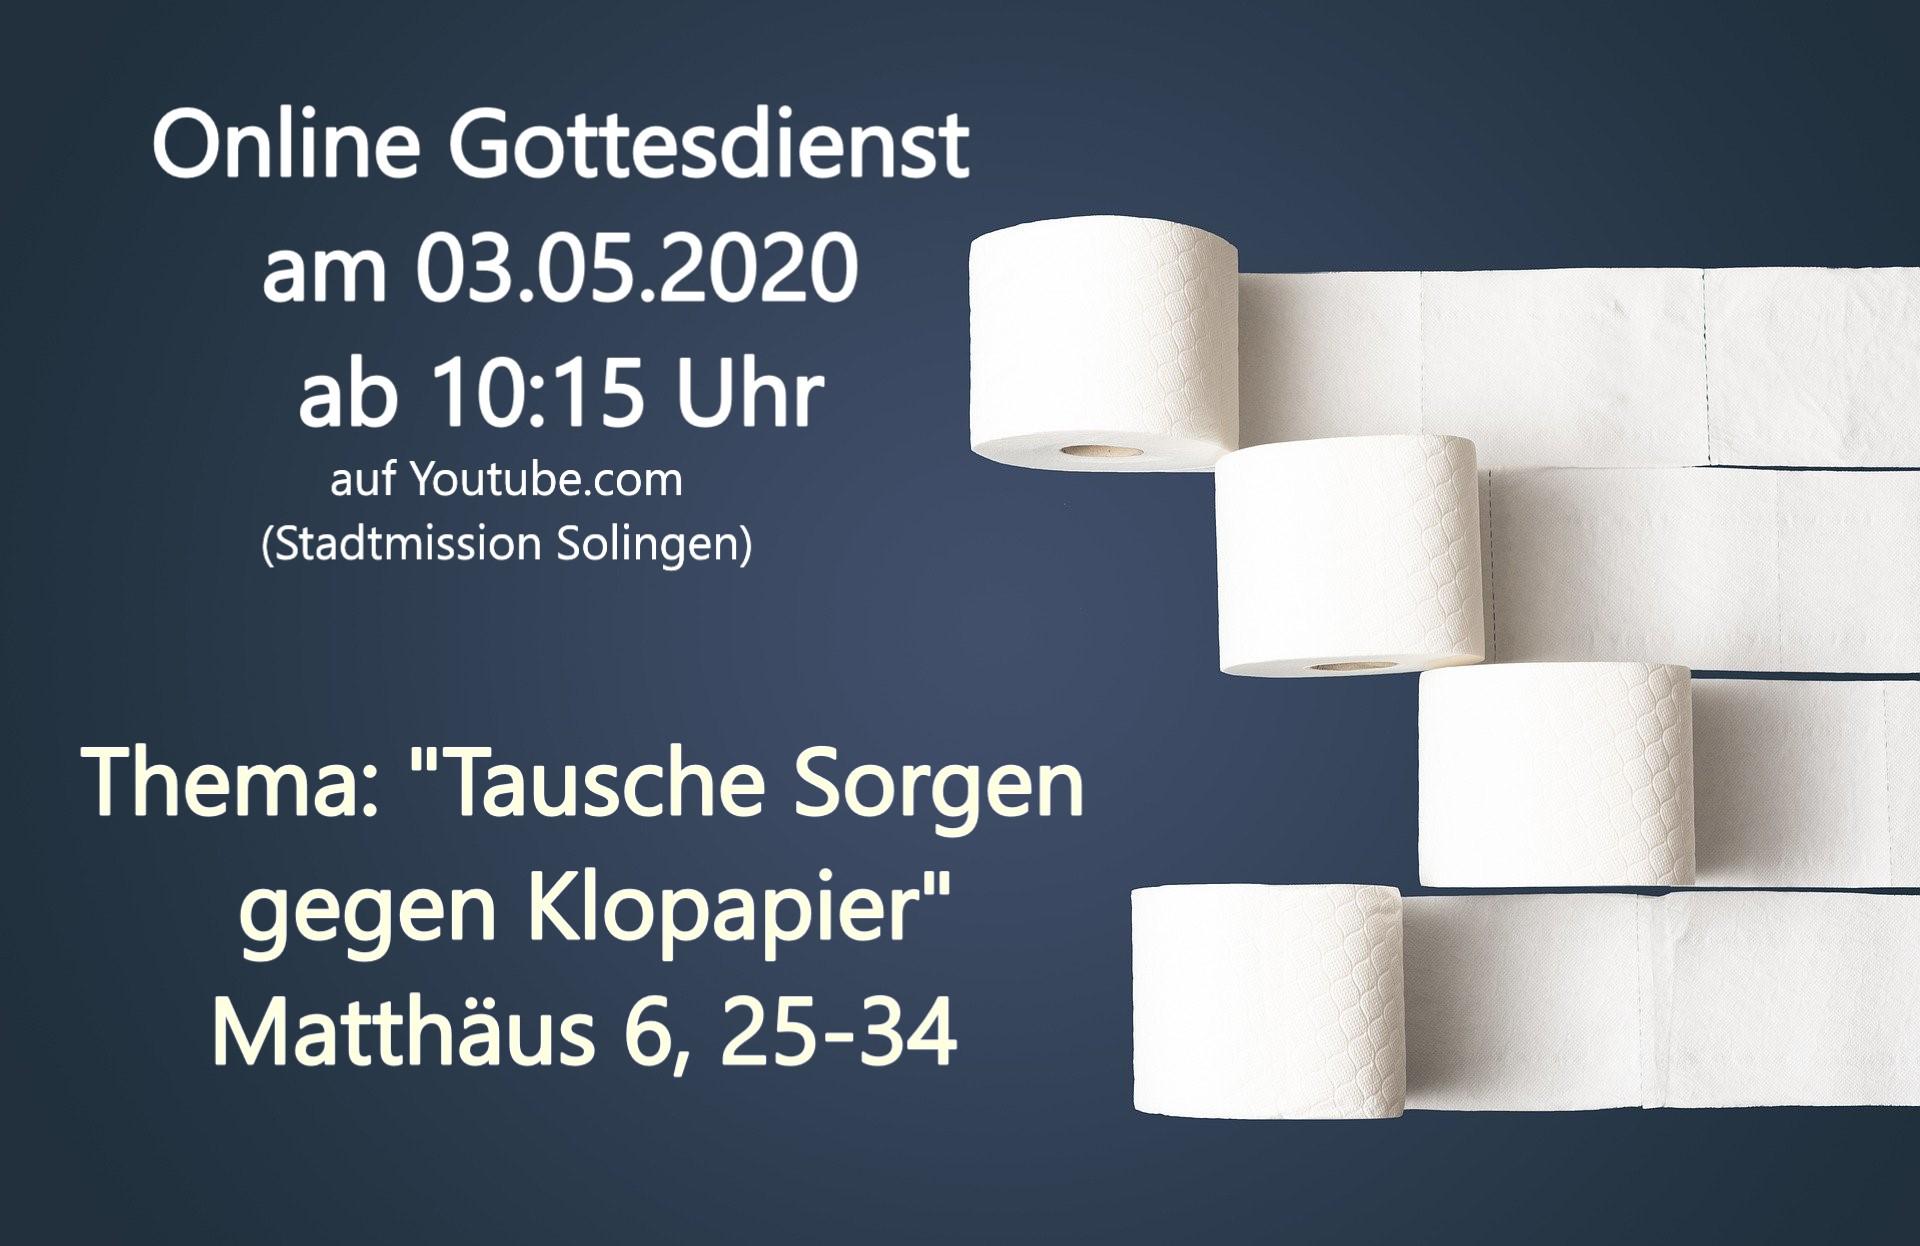 Tausche Sorgen gegen Klopapier - Online-Gottesdienst vom 03.05.2020